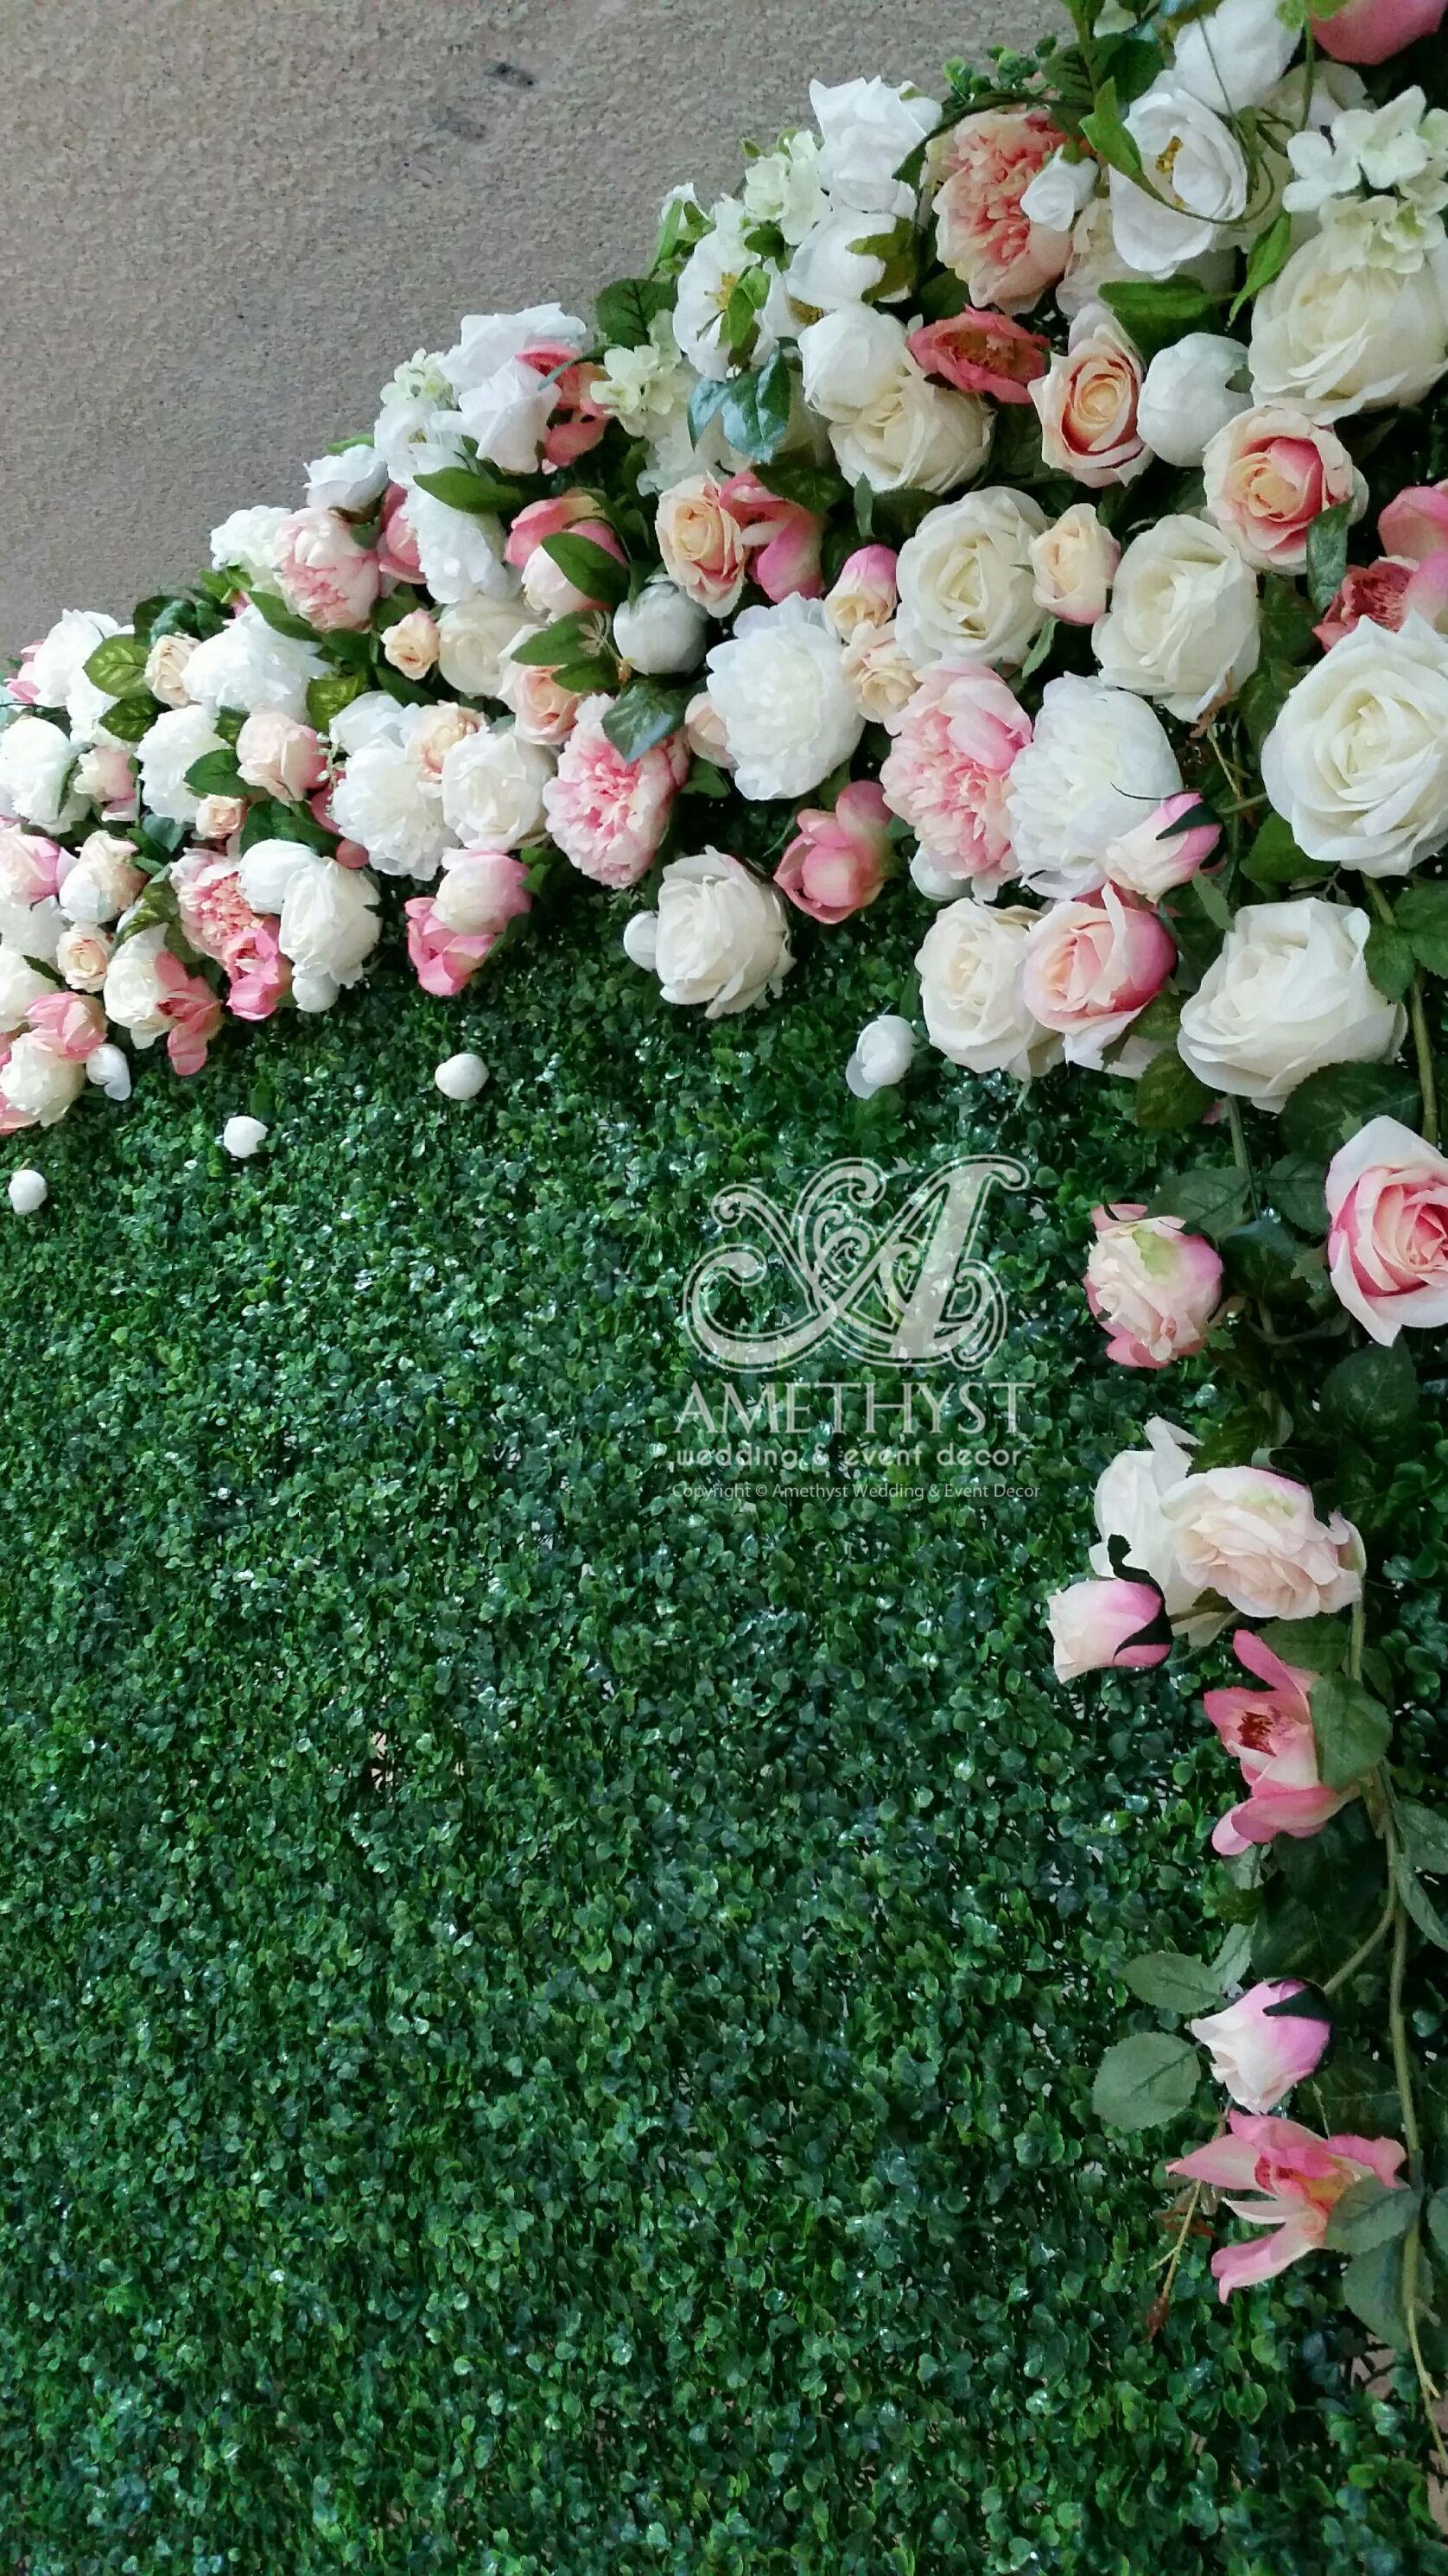 Flower Wall Pink White Flower Wall Flower Walls Pinterest Flower Wall